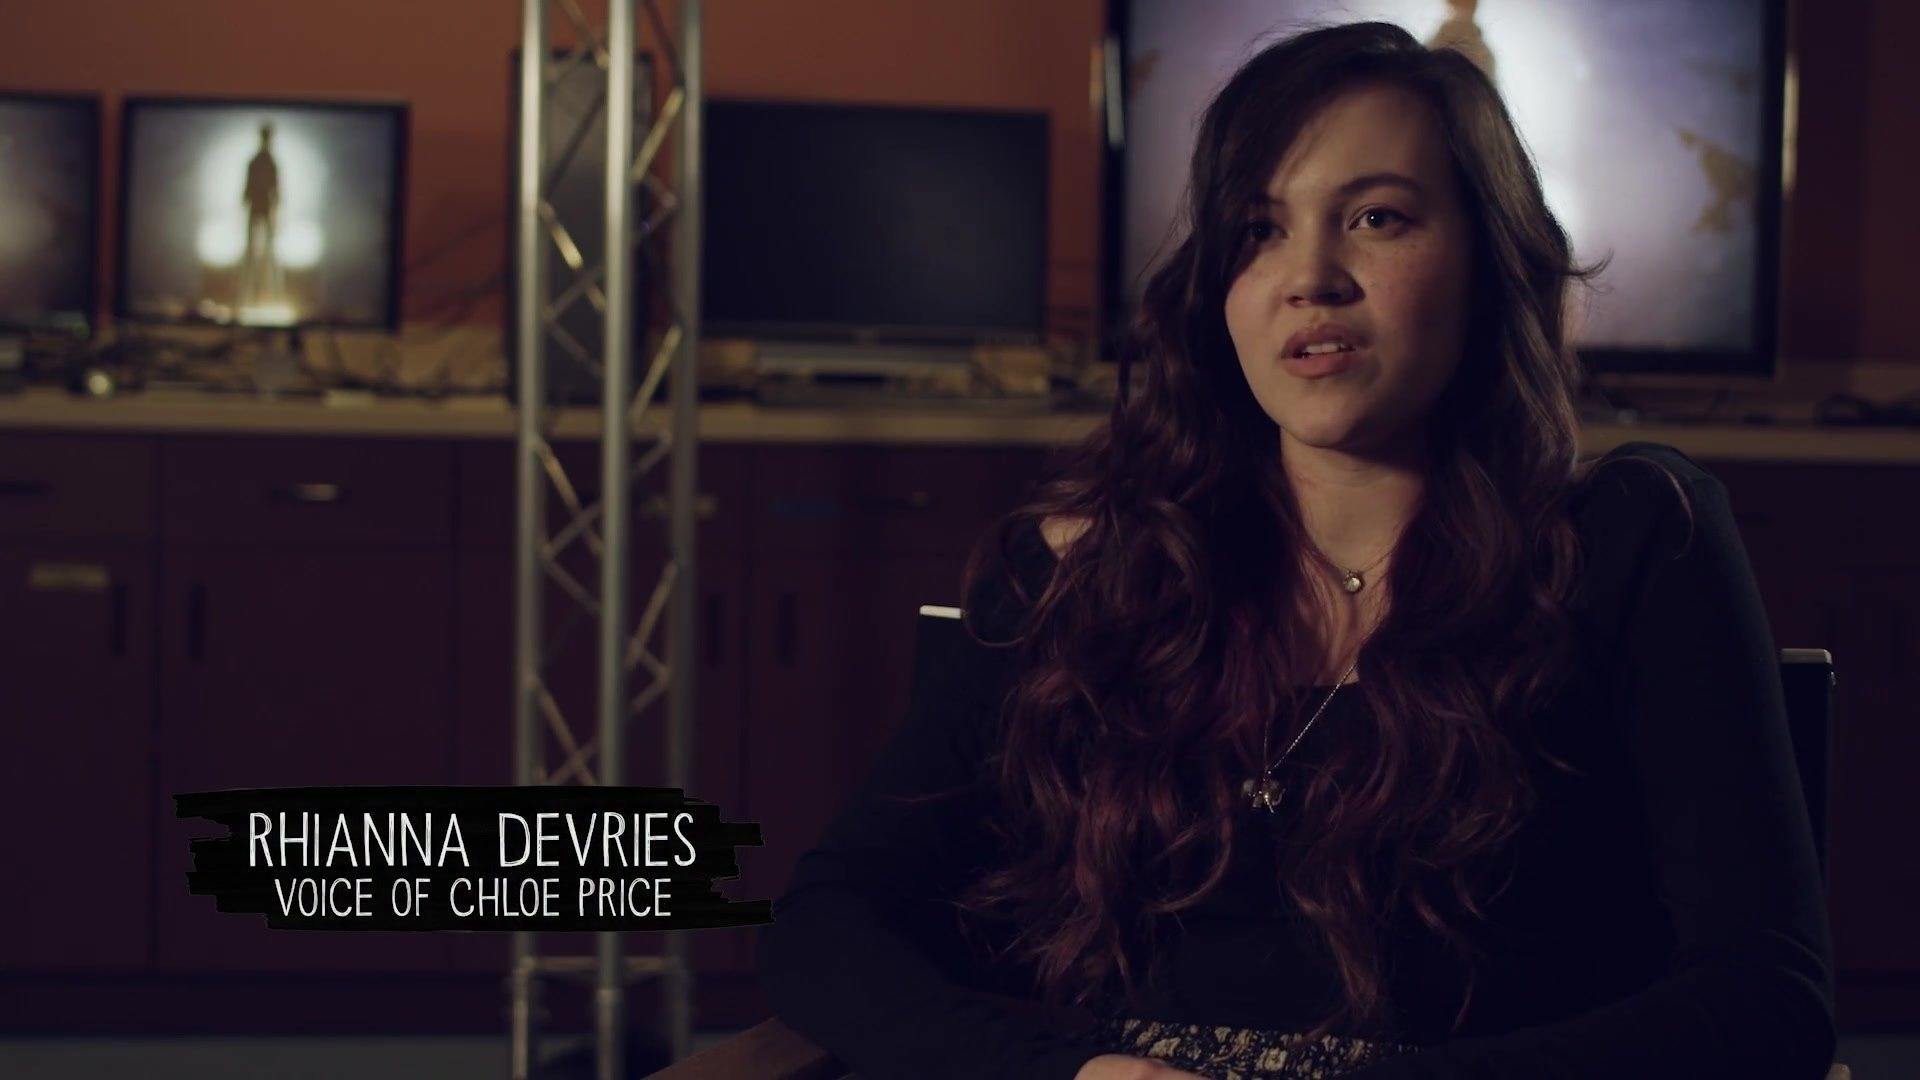 Рианна ДеВриз отвечает на вопросы участников нашей группы ВКонтакте